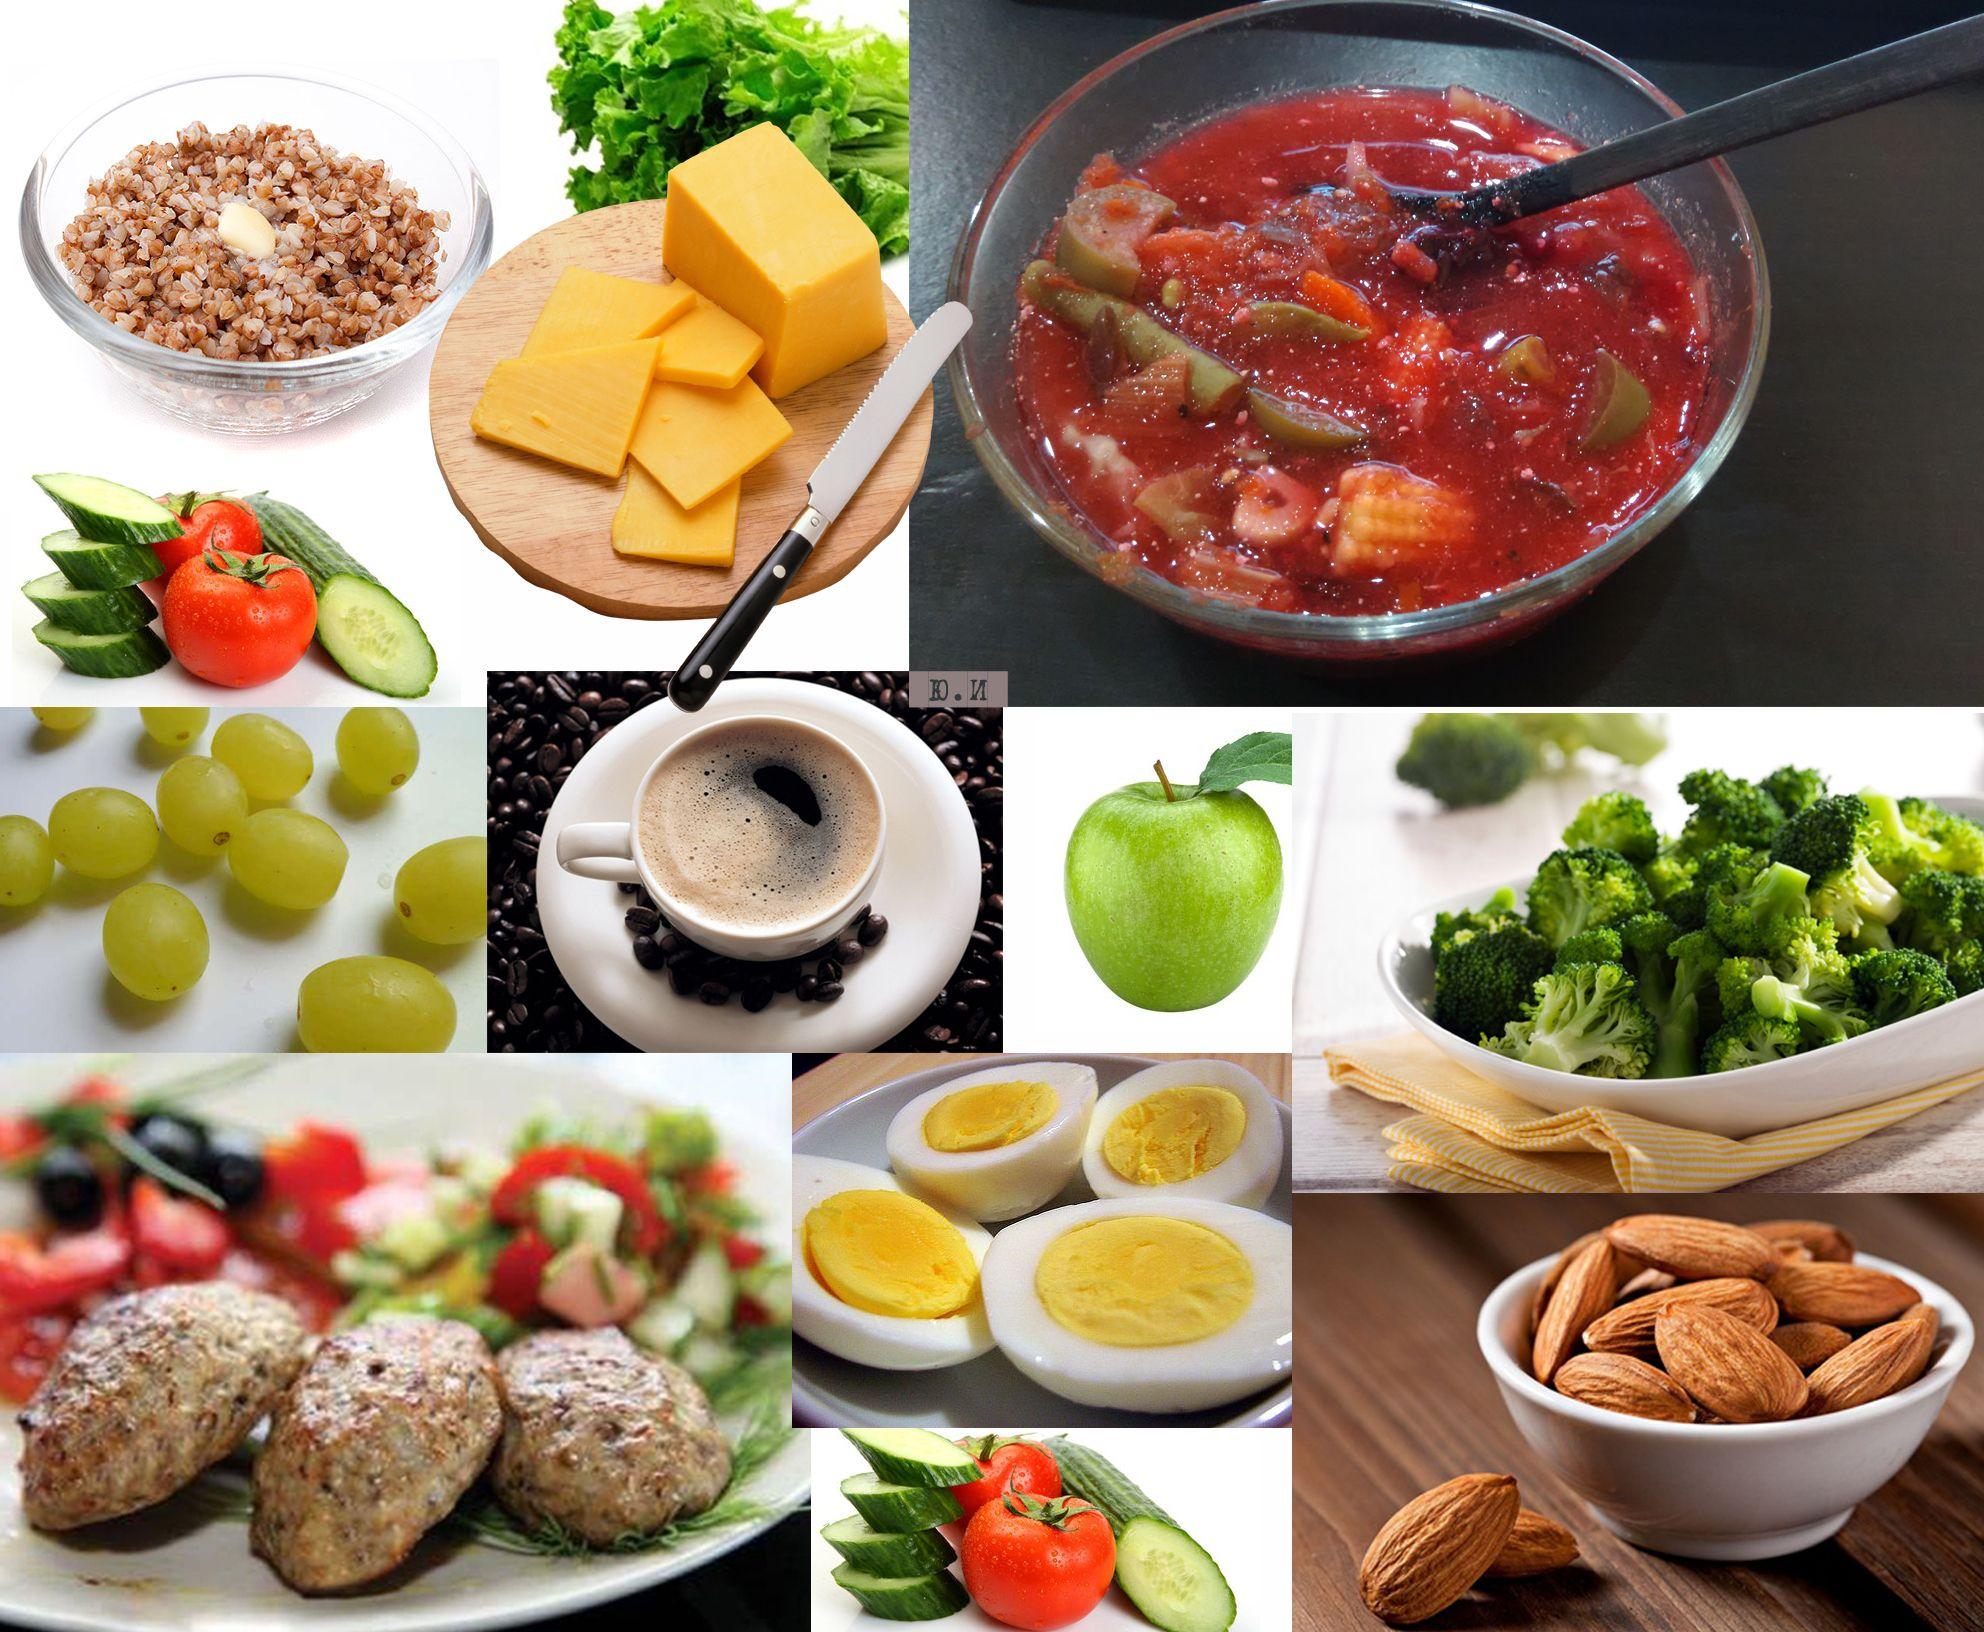 Диета Похудеть Рецепты. 10 эффективных диет для быстрого похудения: времени нет, а выбор — есть!